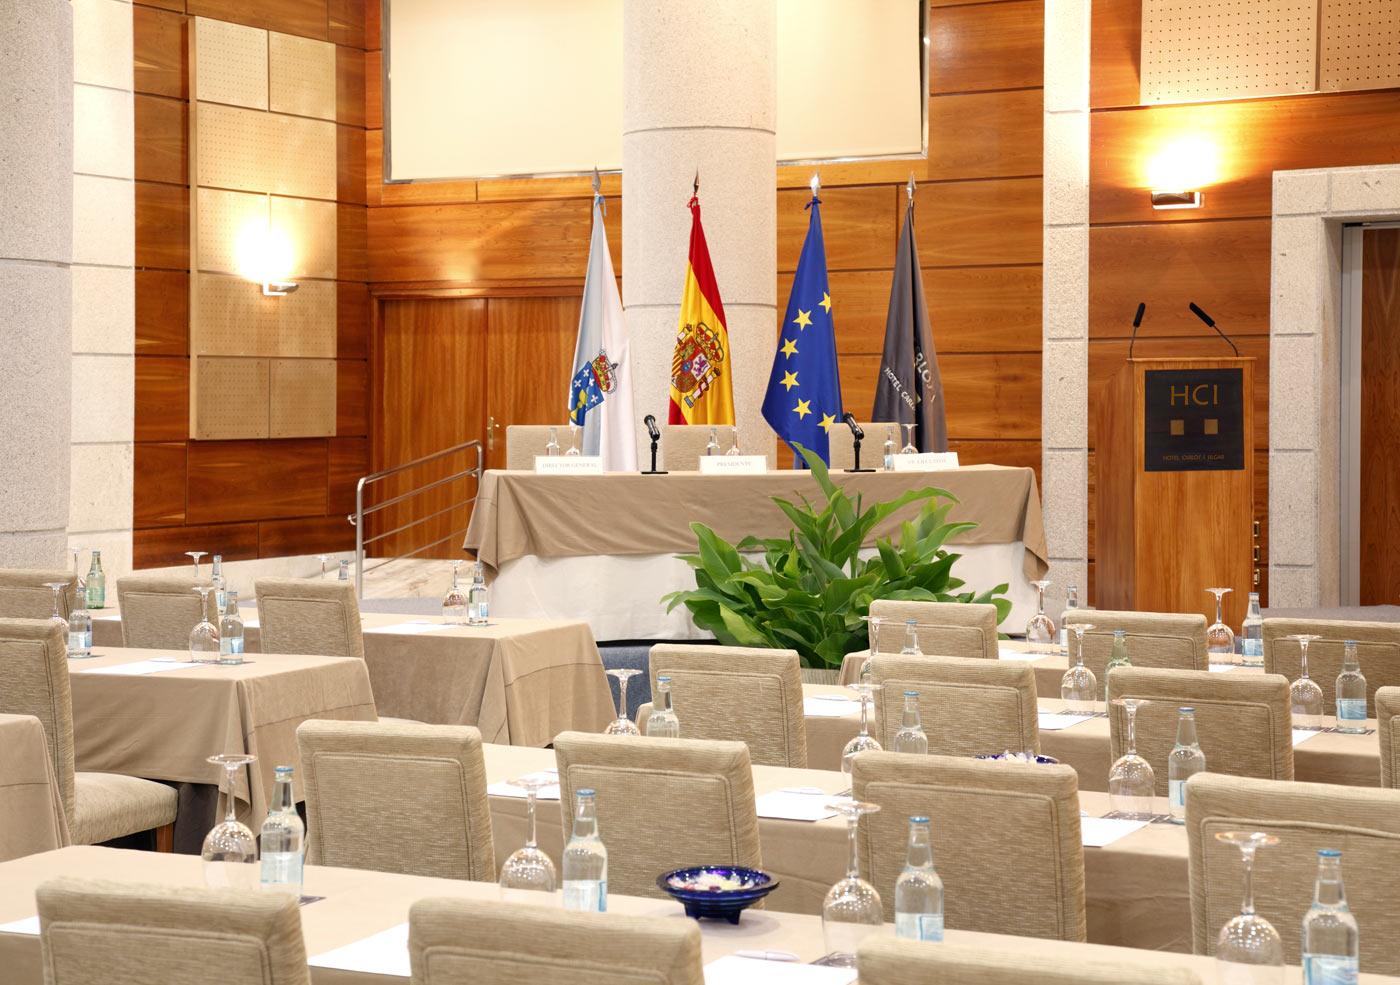 Hotel Carlos I Silgar | [es] Eventos[en]Events[pt]Eventos